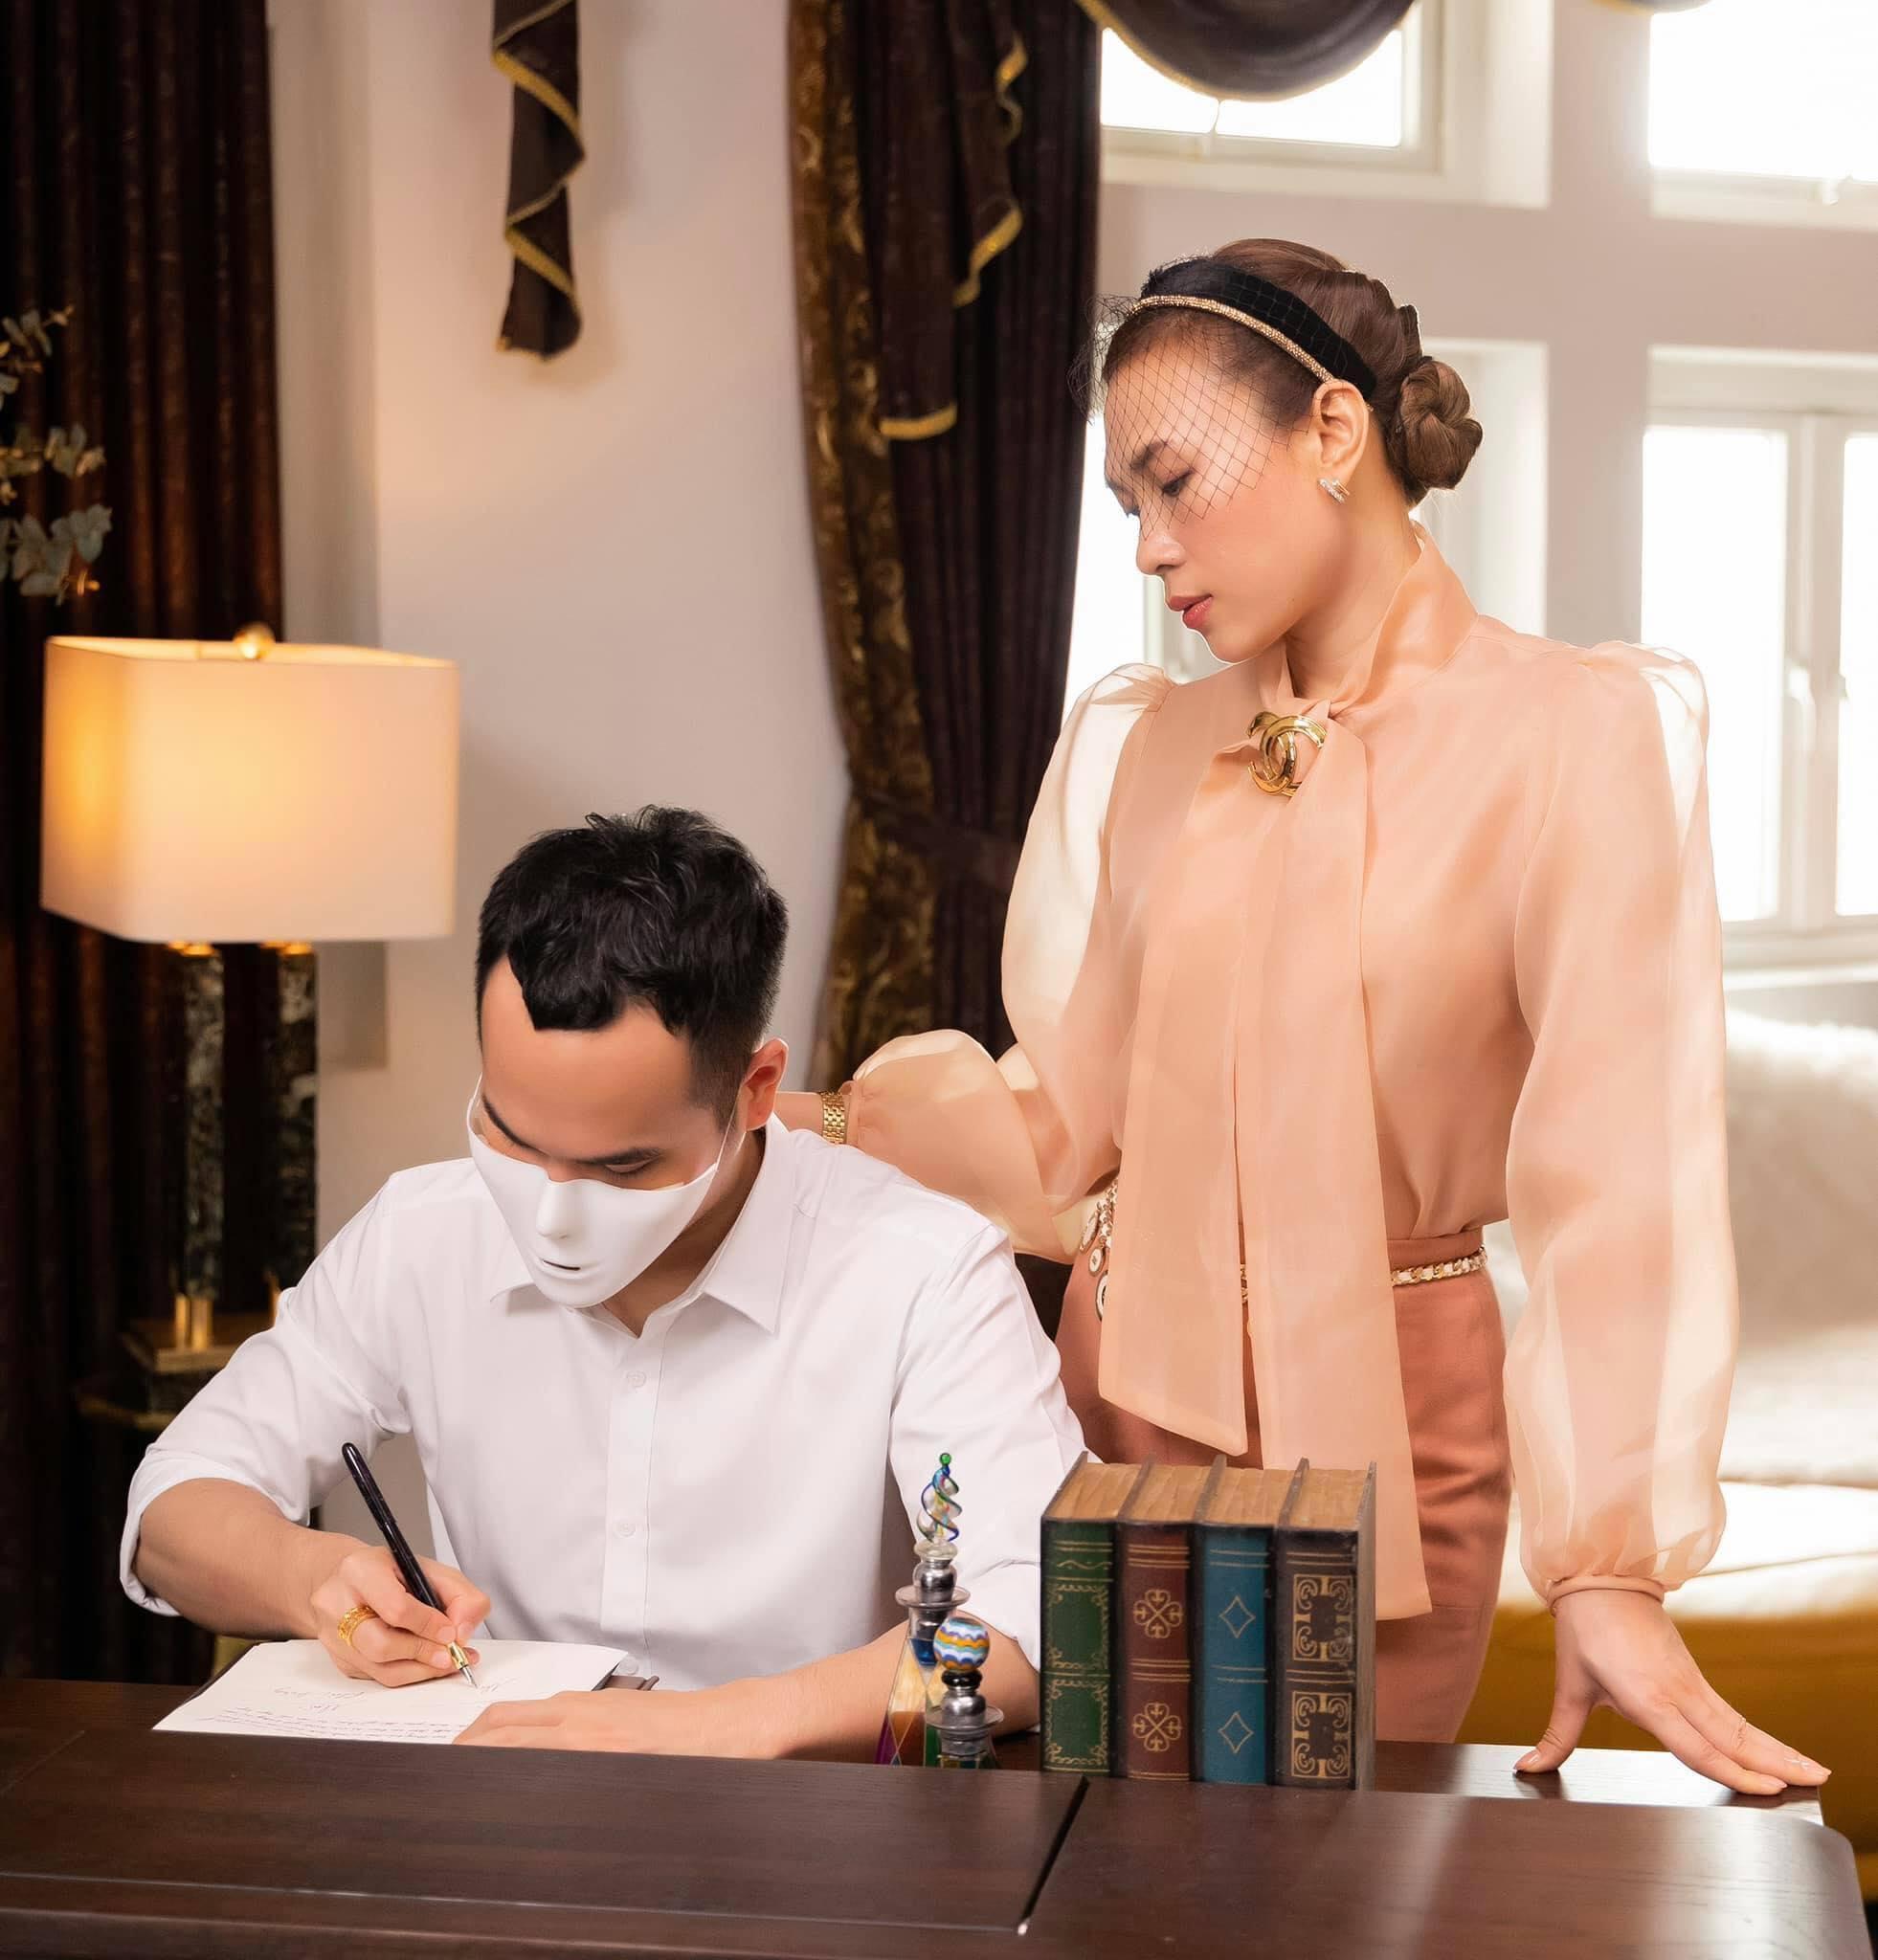 داغترین اخبار سرگرمی عصر 5 ژانویه: لو کوئن وقتی شوهر سابقش عشق جدید خود را باز می کند ، واکنش نشان می دهد ،